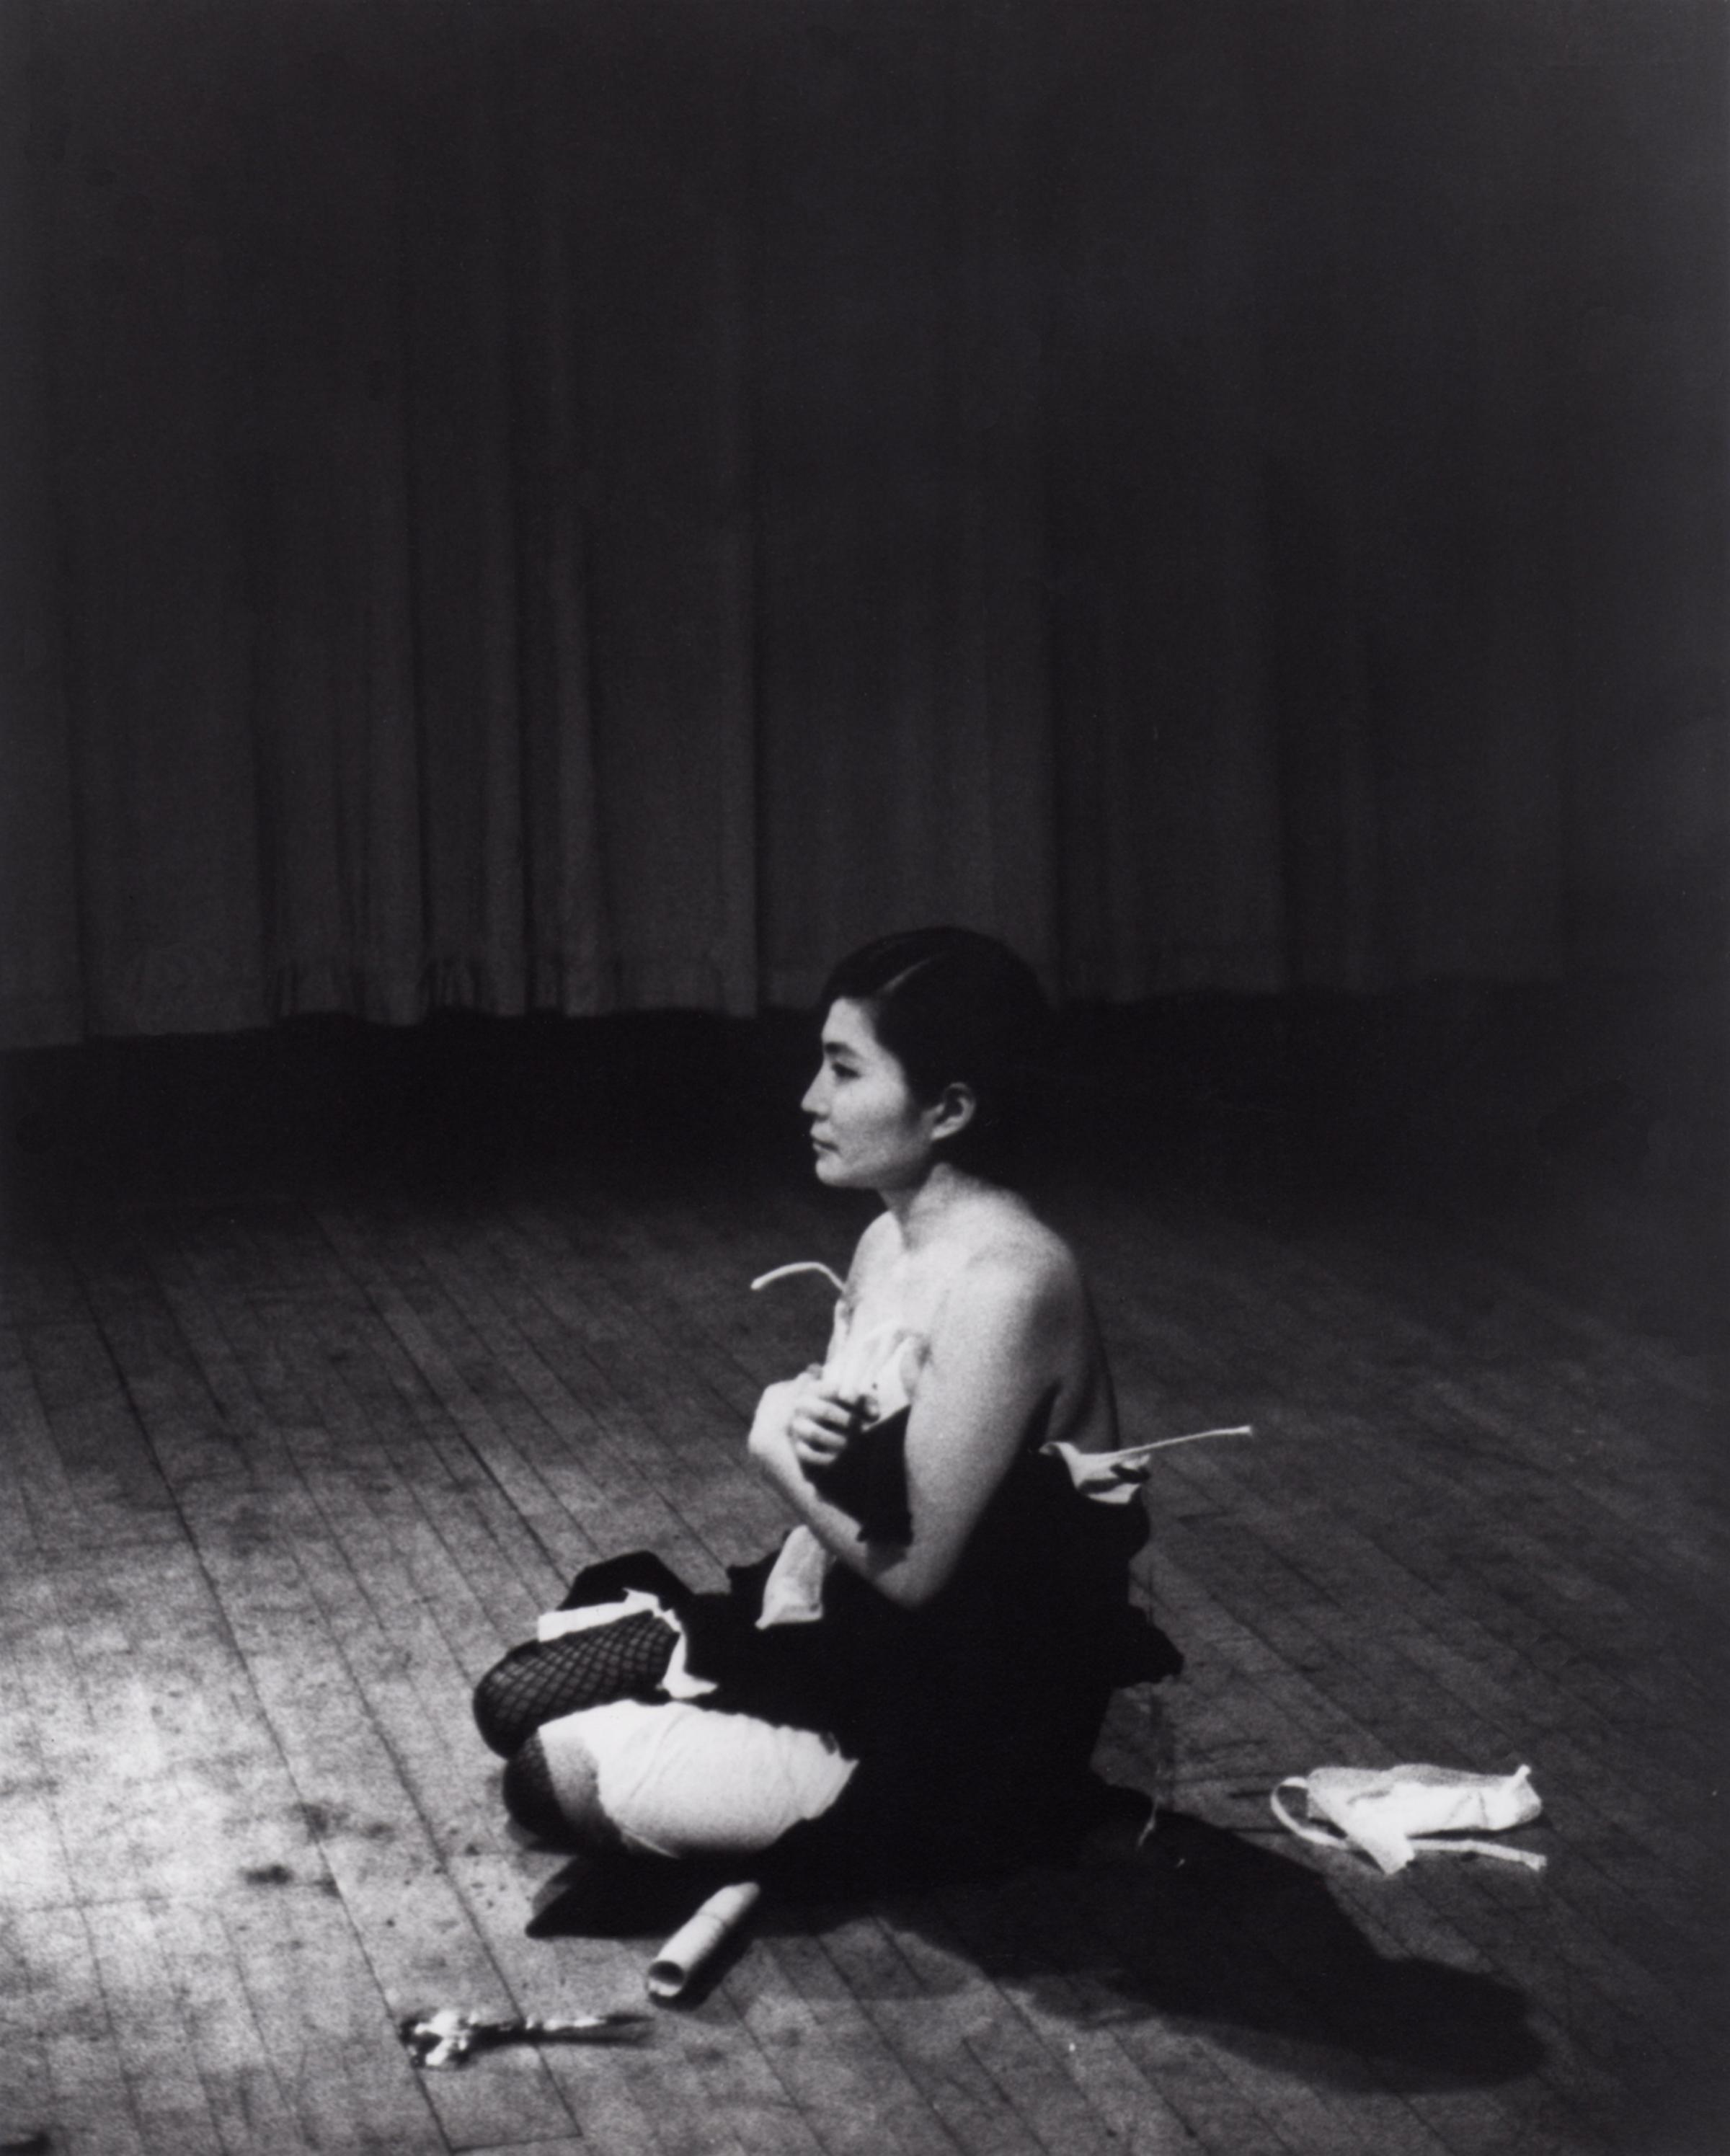 'Cut Piece' (1964) performed by Yoko Ono in New Works of Yoko Ono, Carnegie Recital Hall, New York, March 21, 1965. Photograph by Minoru Niizuma. © Minoru Niizuma. Courtesy Lenono Photo Archive, New York